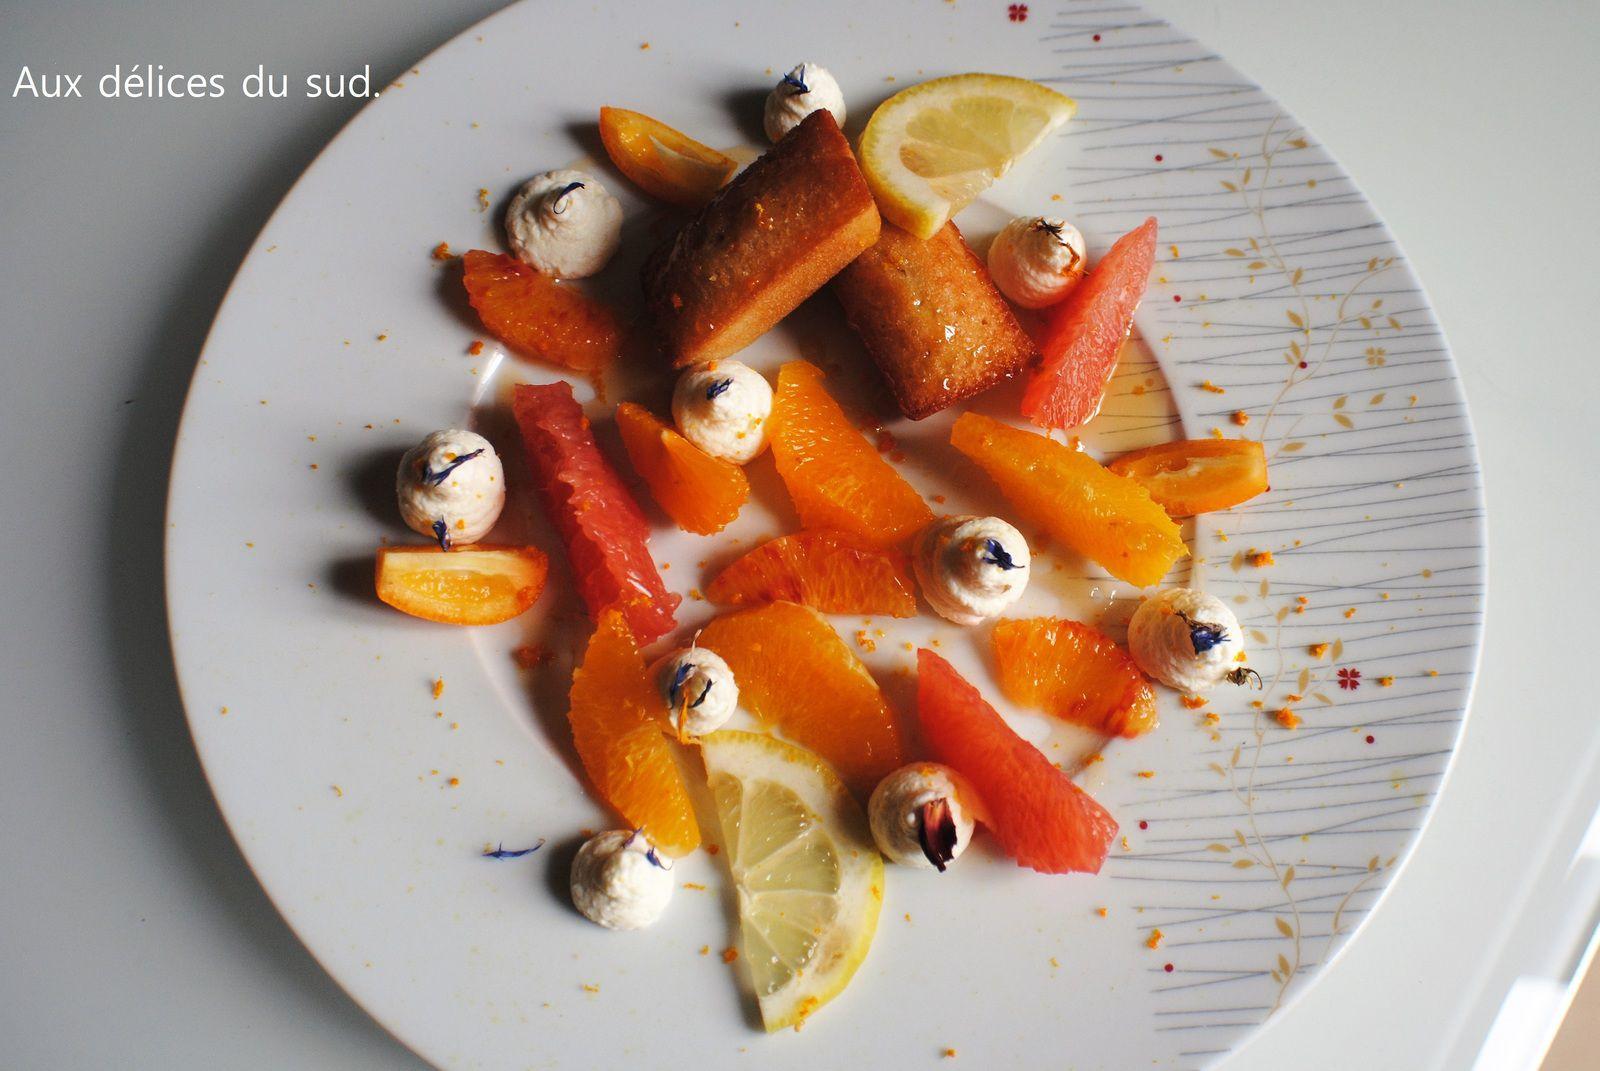 Dessert vitaminé , agrumes , miel et financiers à l'amande amère .